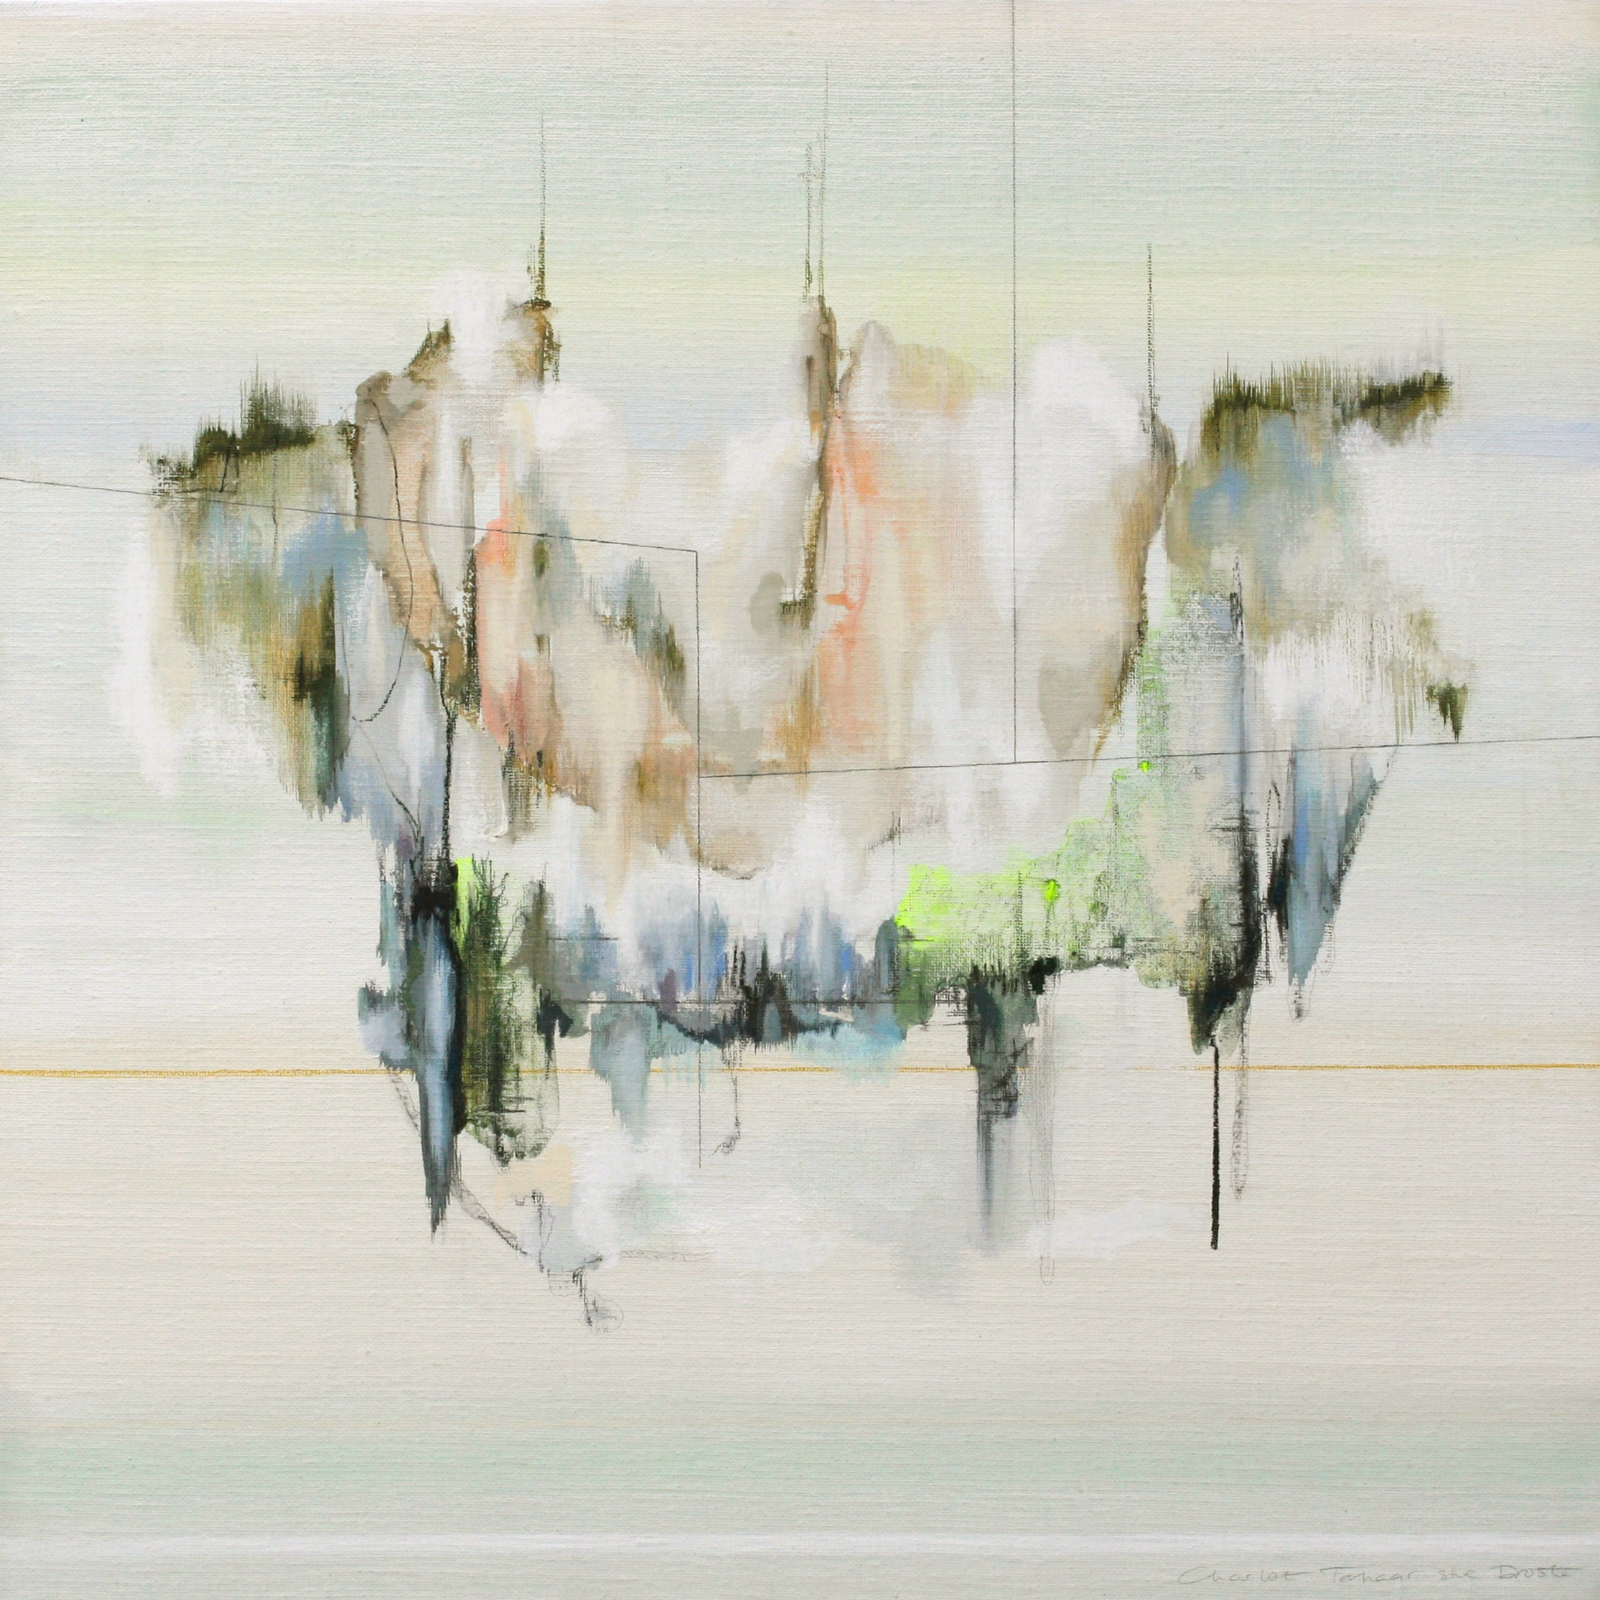 Schilderij #323